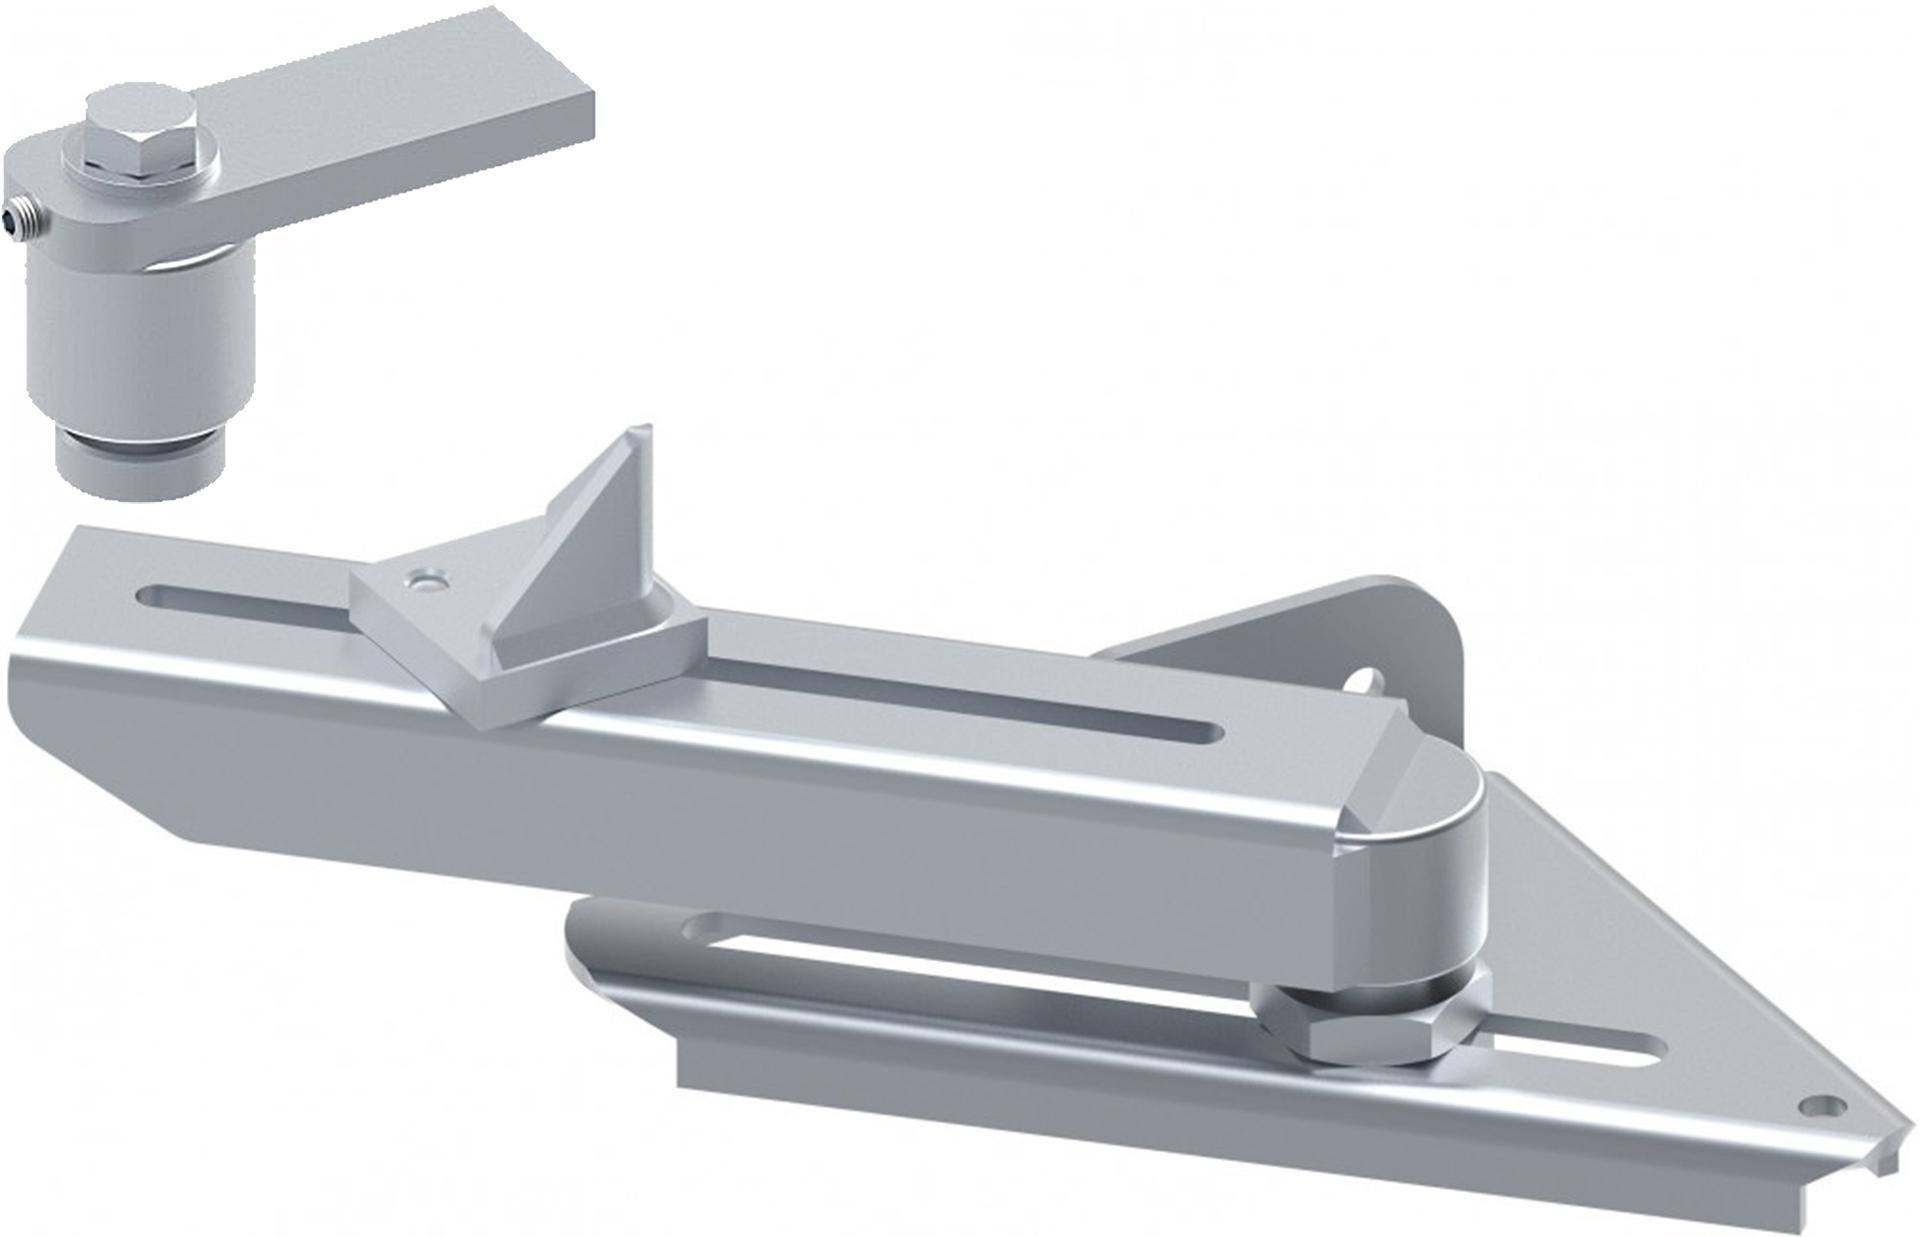 Γκαραζόπορτες, μηχανισμός για ανοιγόμενες ανυψούμενες